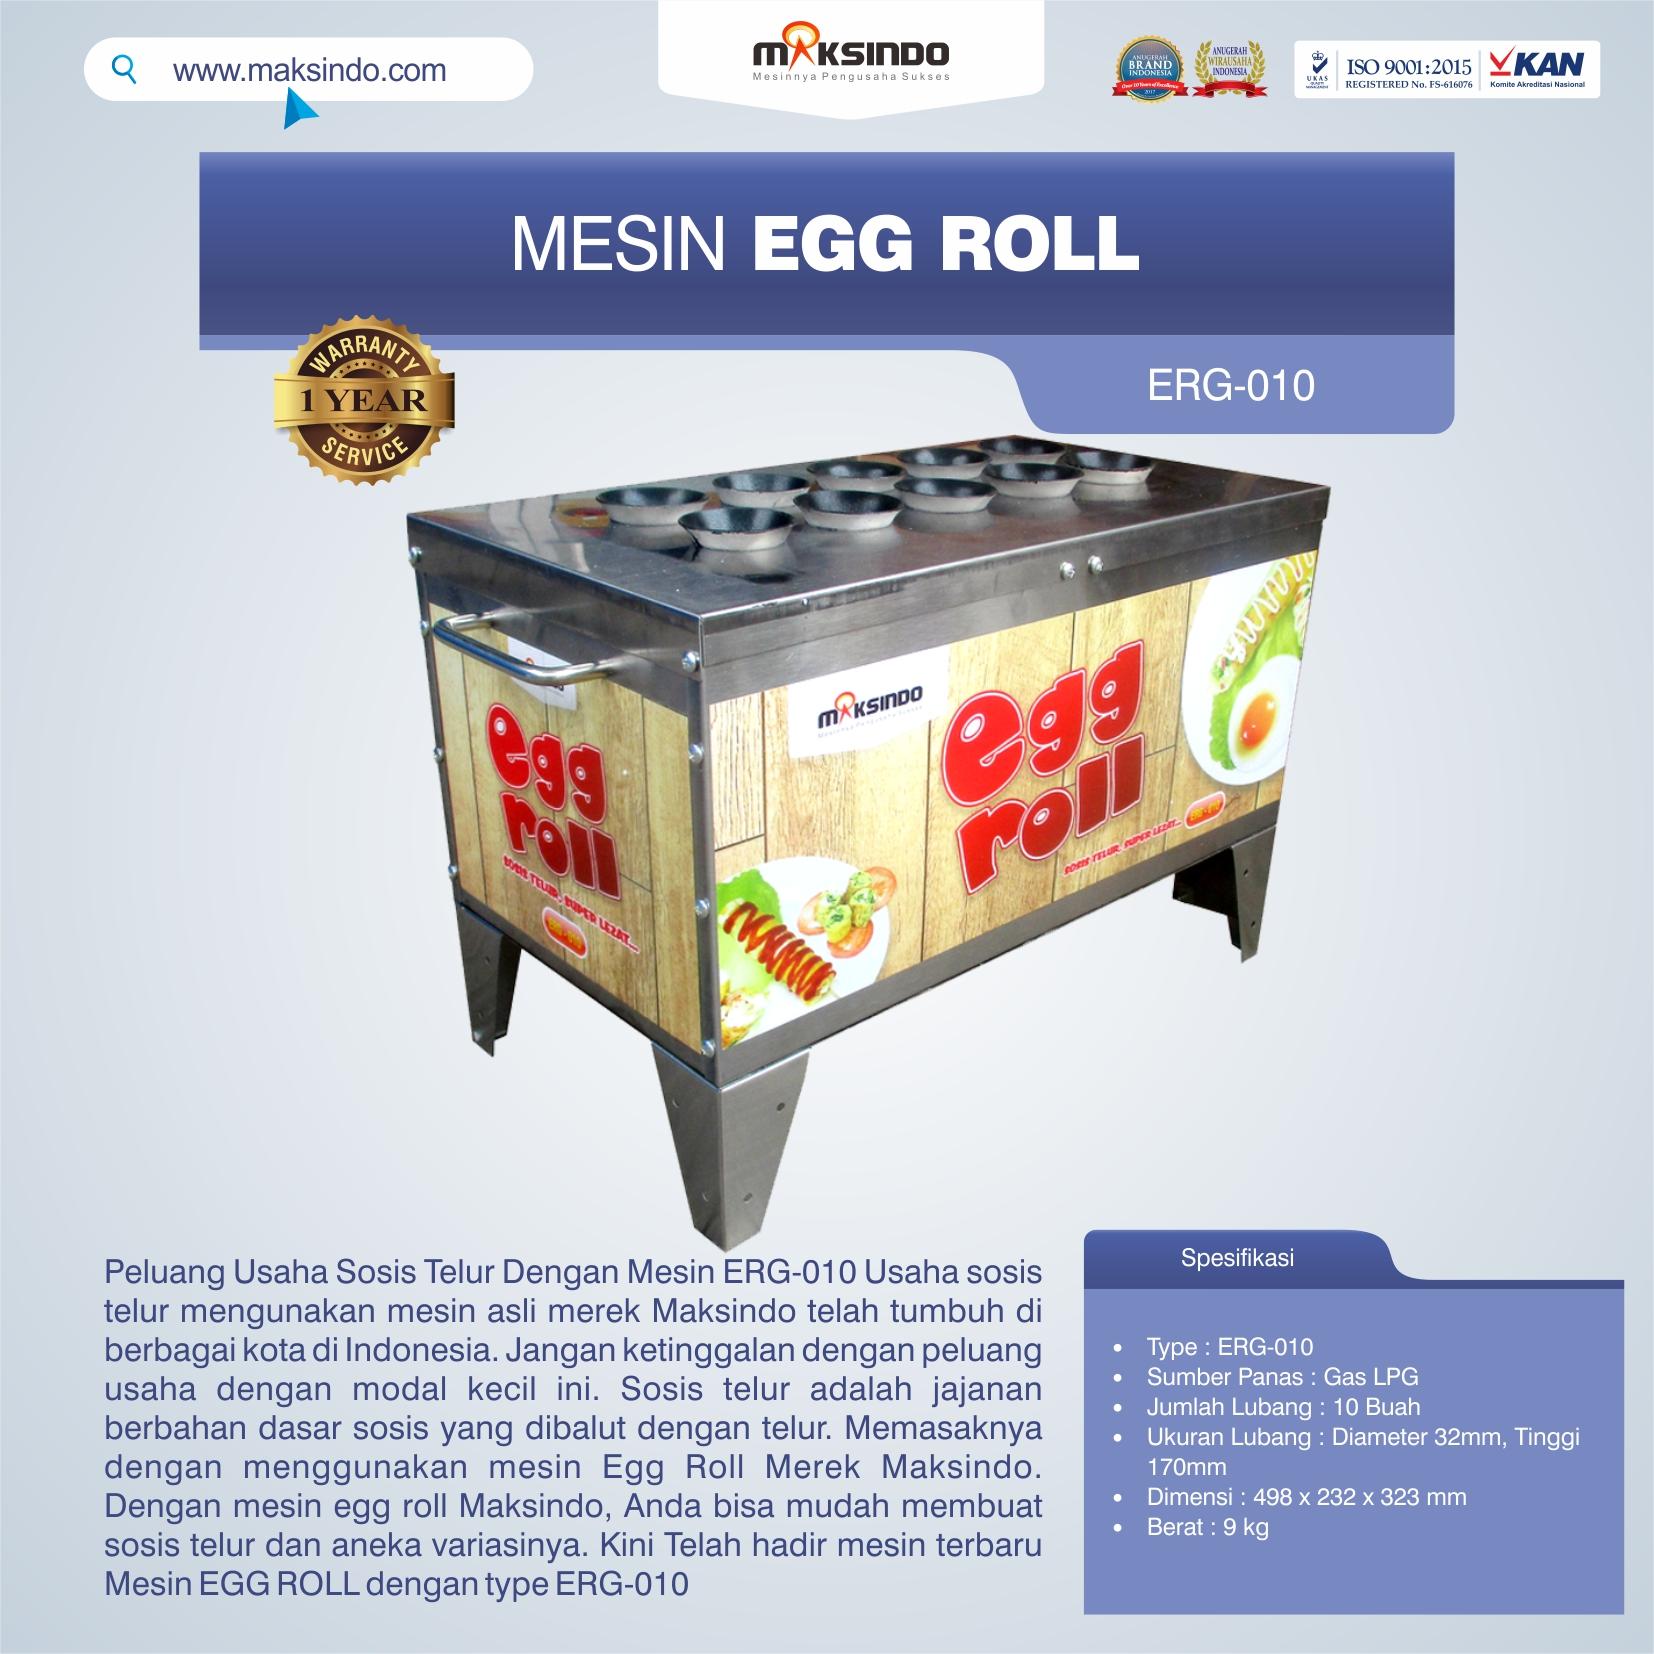 Jual Mesin Pembuat Egg Roll ERG-010 di Bekasi